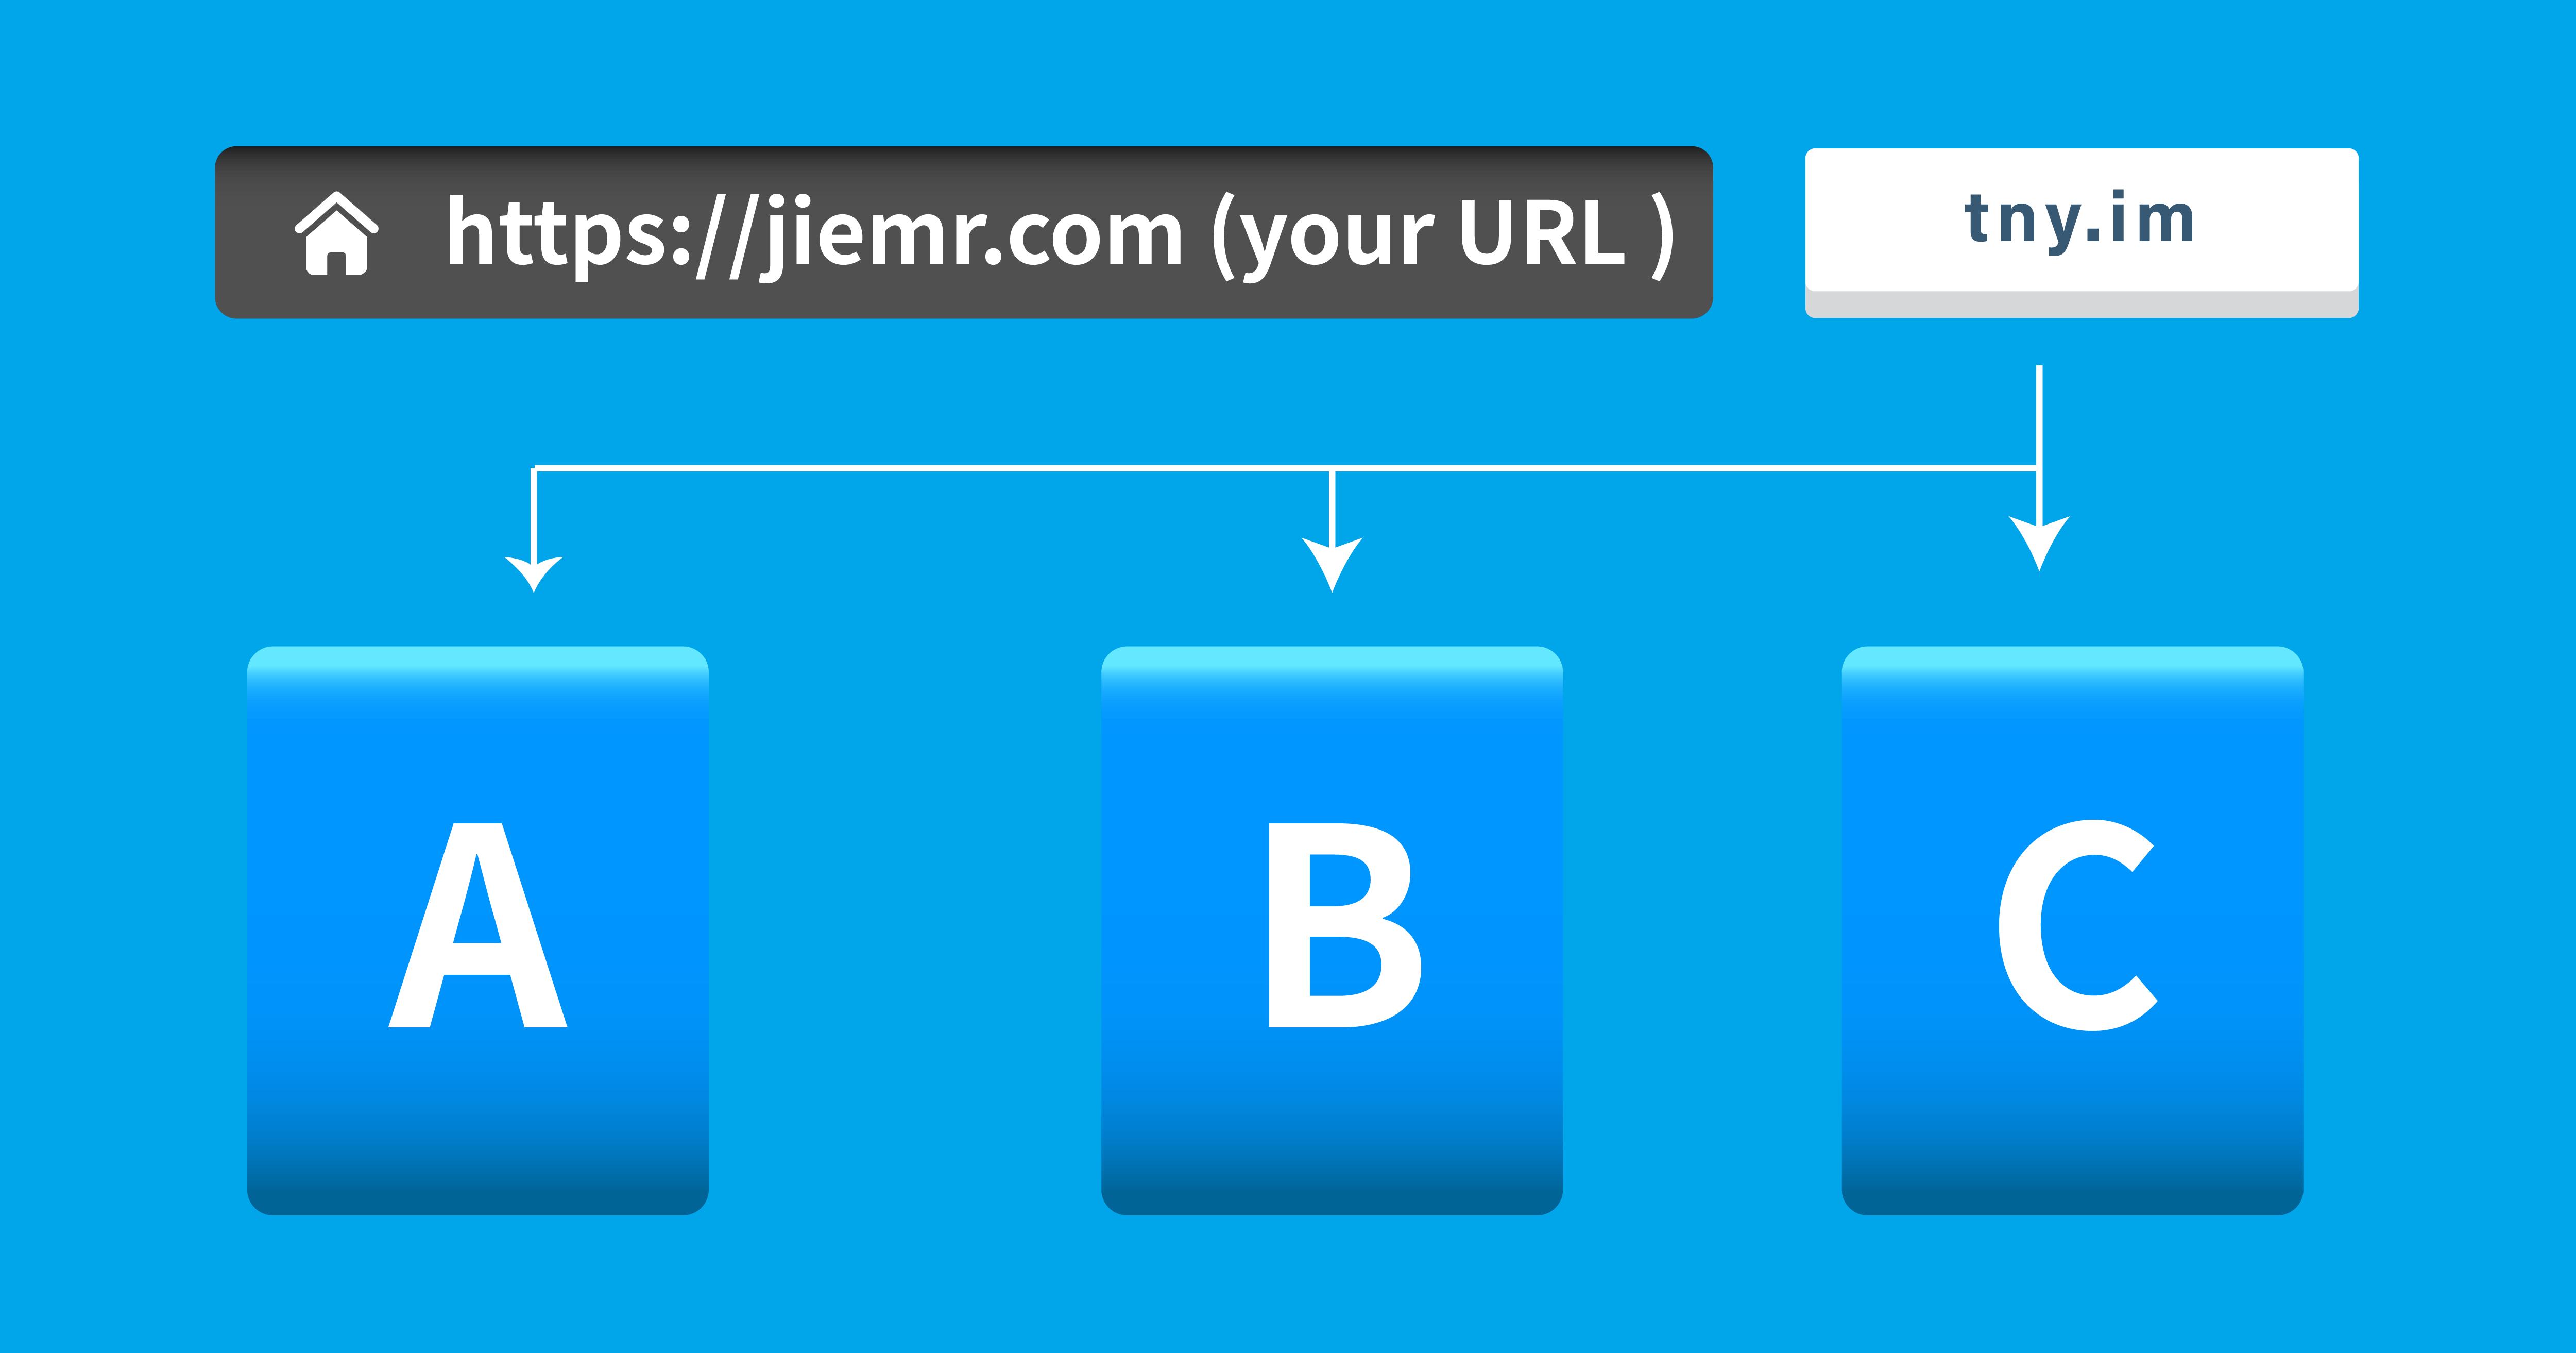 縮短網址特色圖